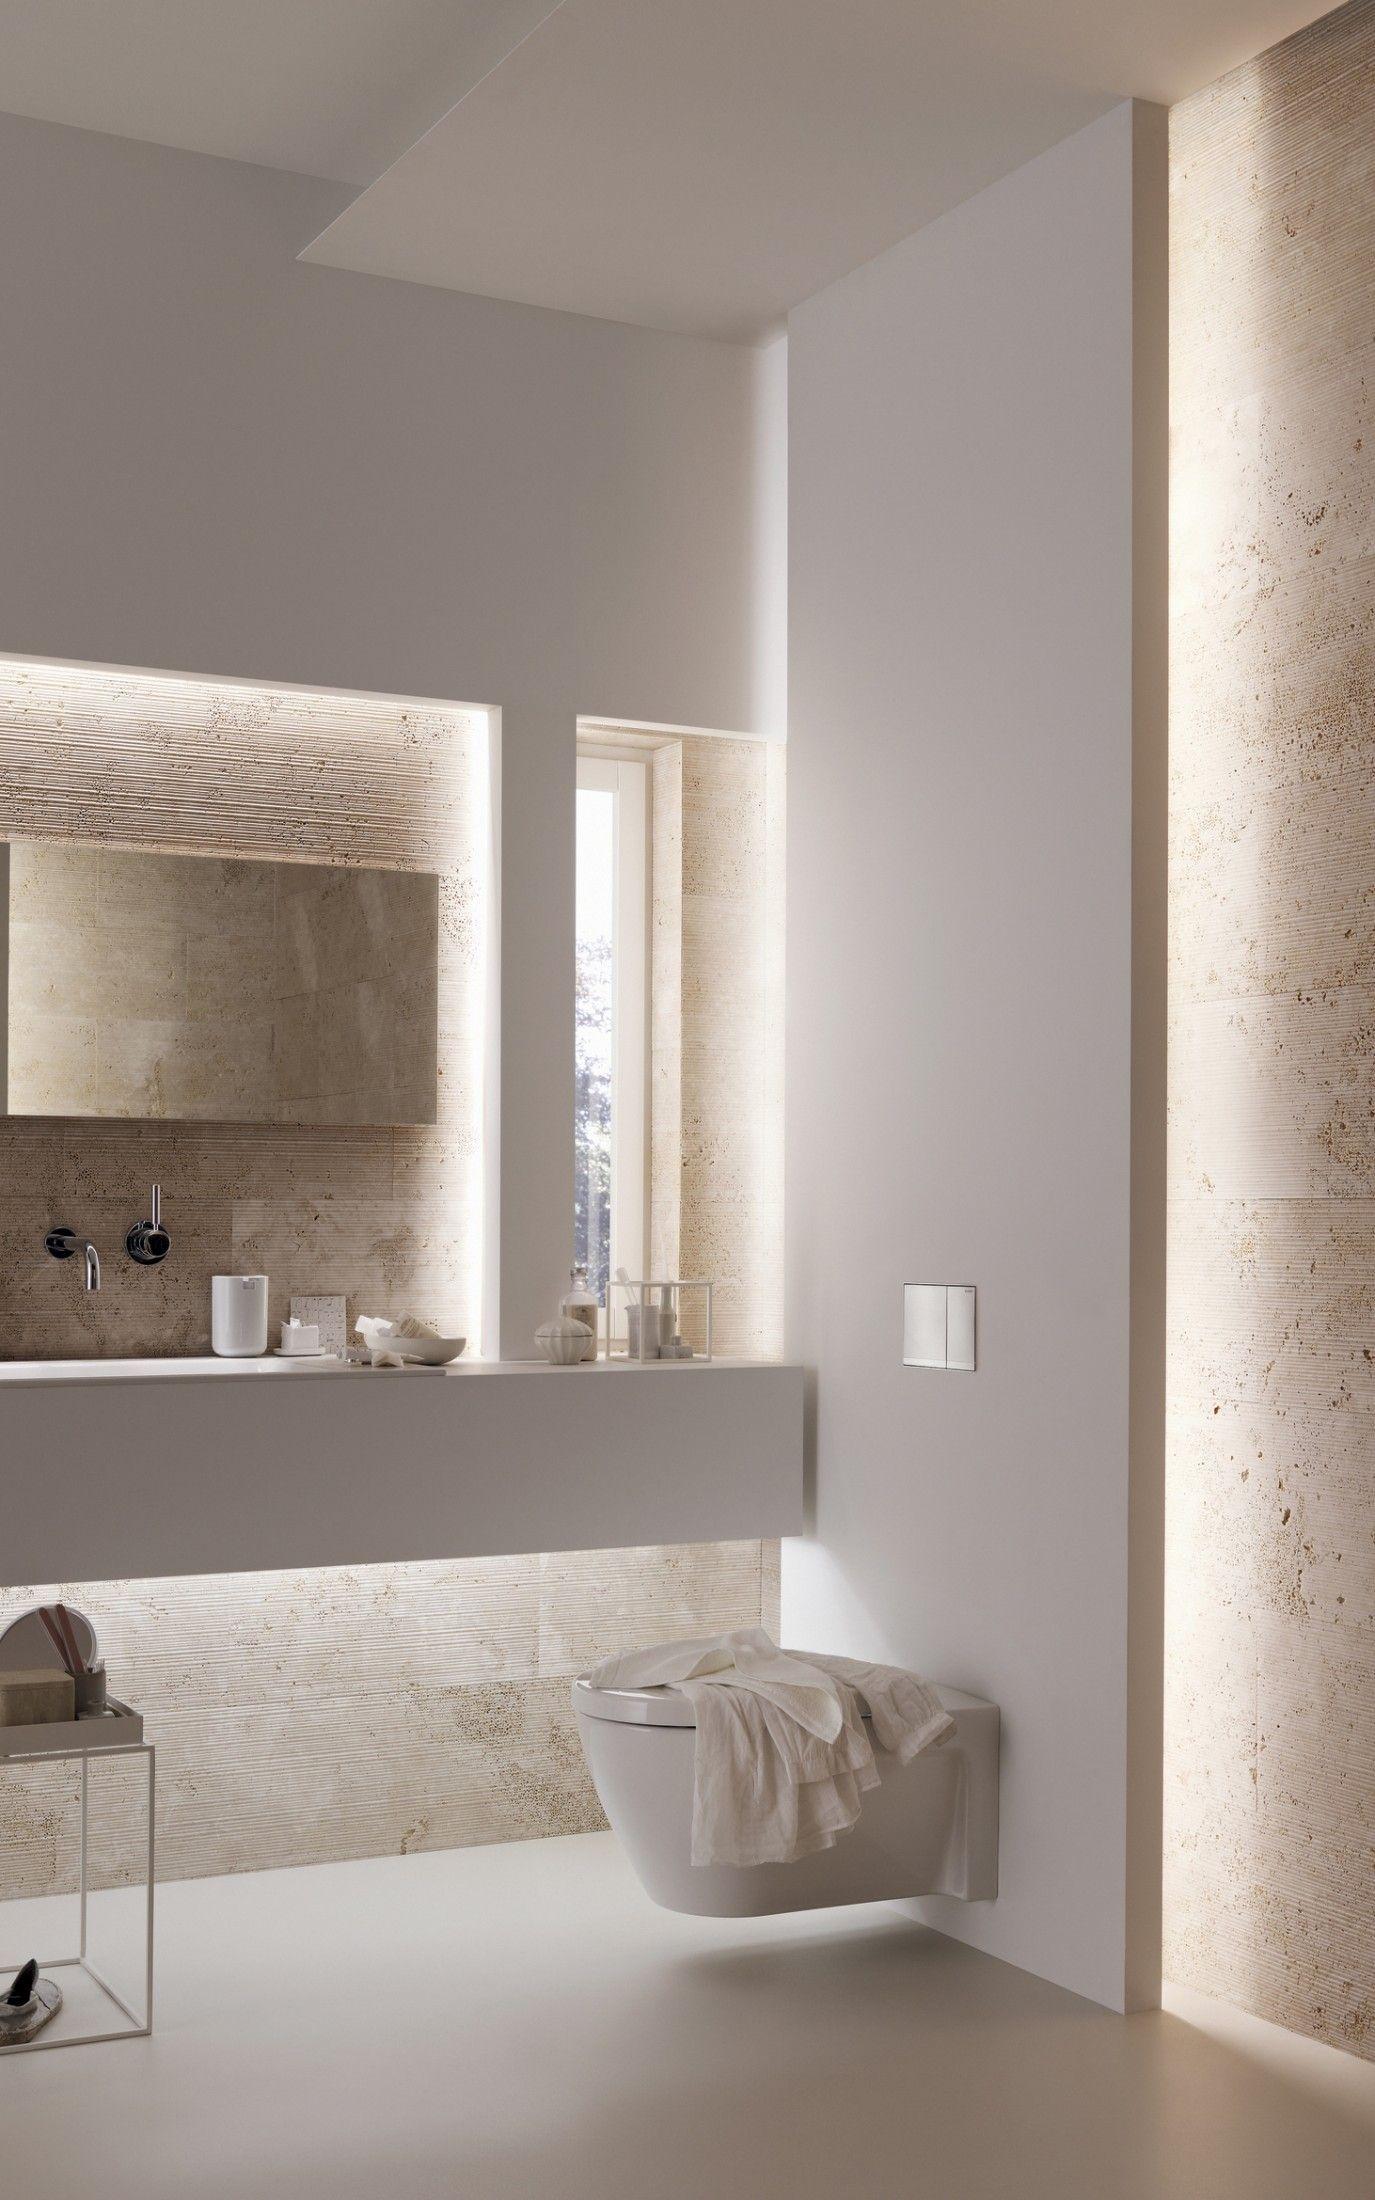 Finde Auch Indirektes Licht Im Bad Gut Badezimmerideen Badezimmer Inspiration